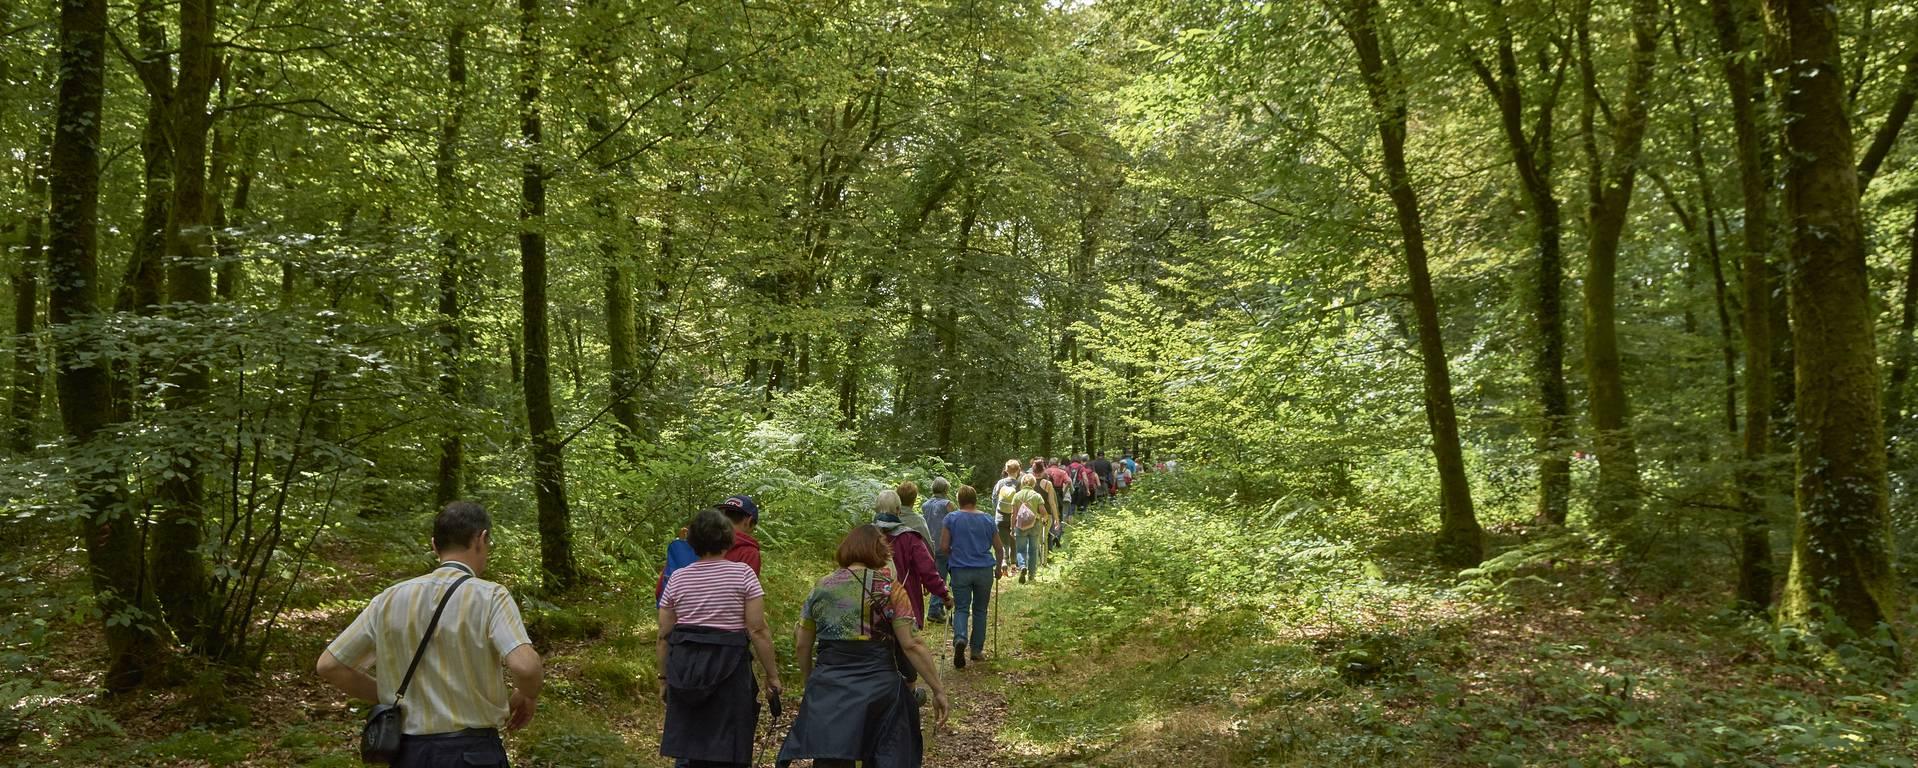 Pont-Calleck forest © M-A Gouret-Puillandre